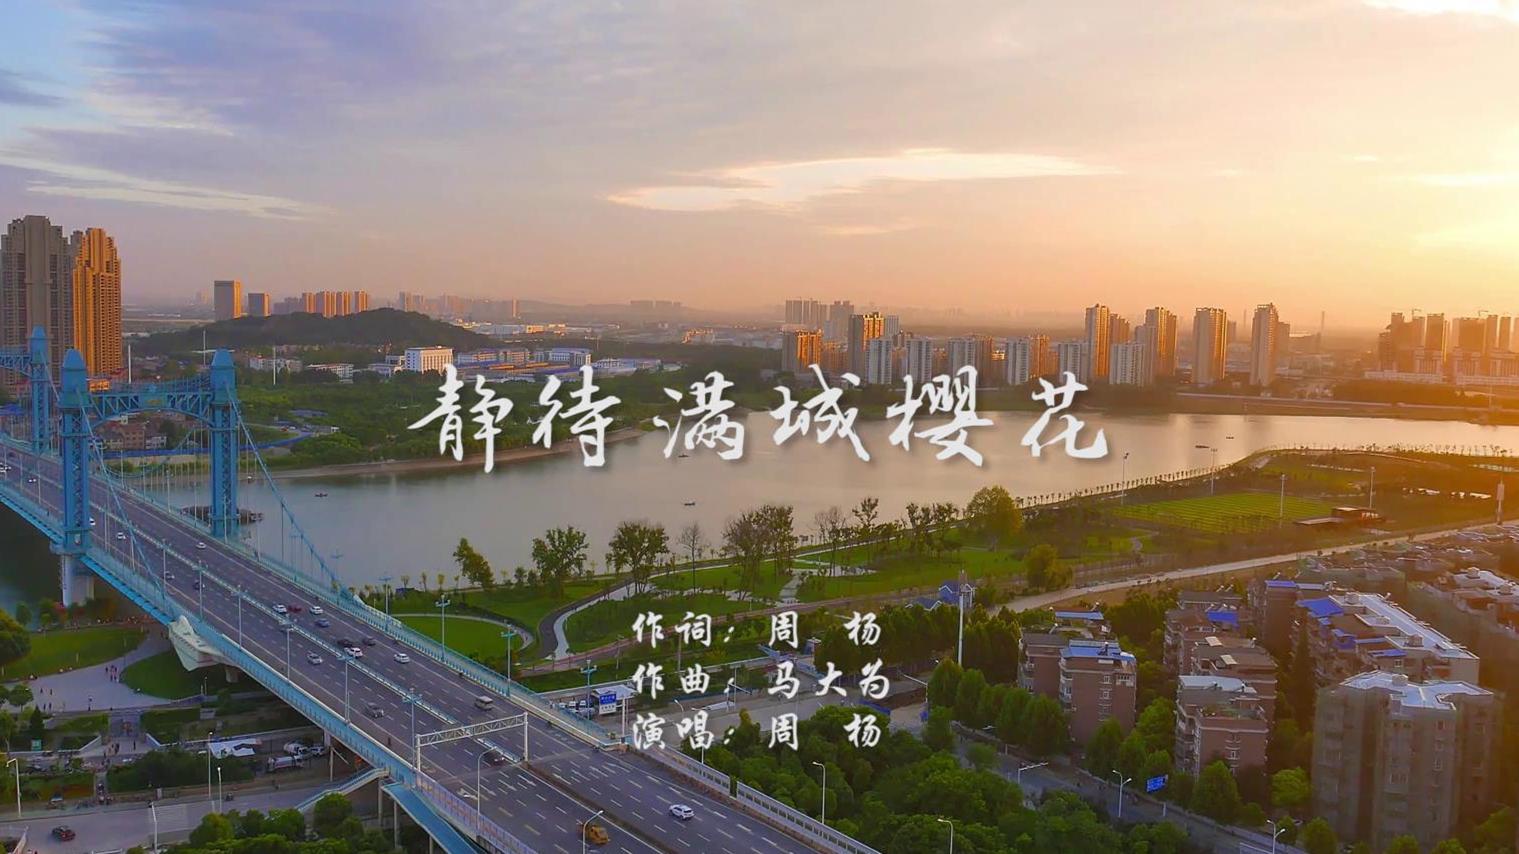 静待满城樱花MV 周杨封面图.jpg